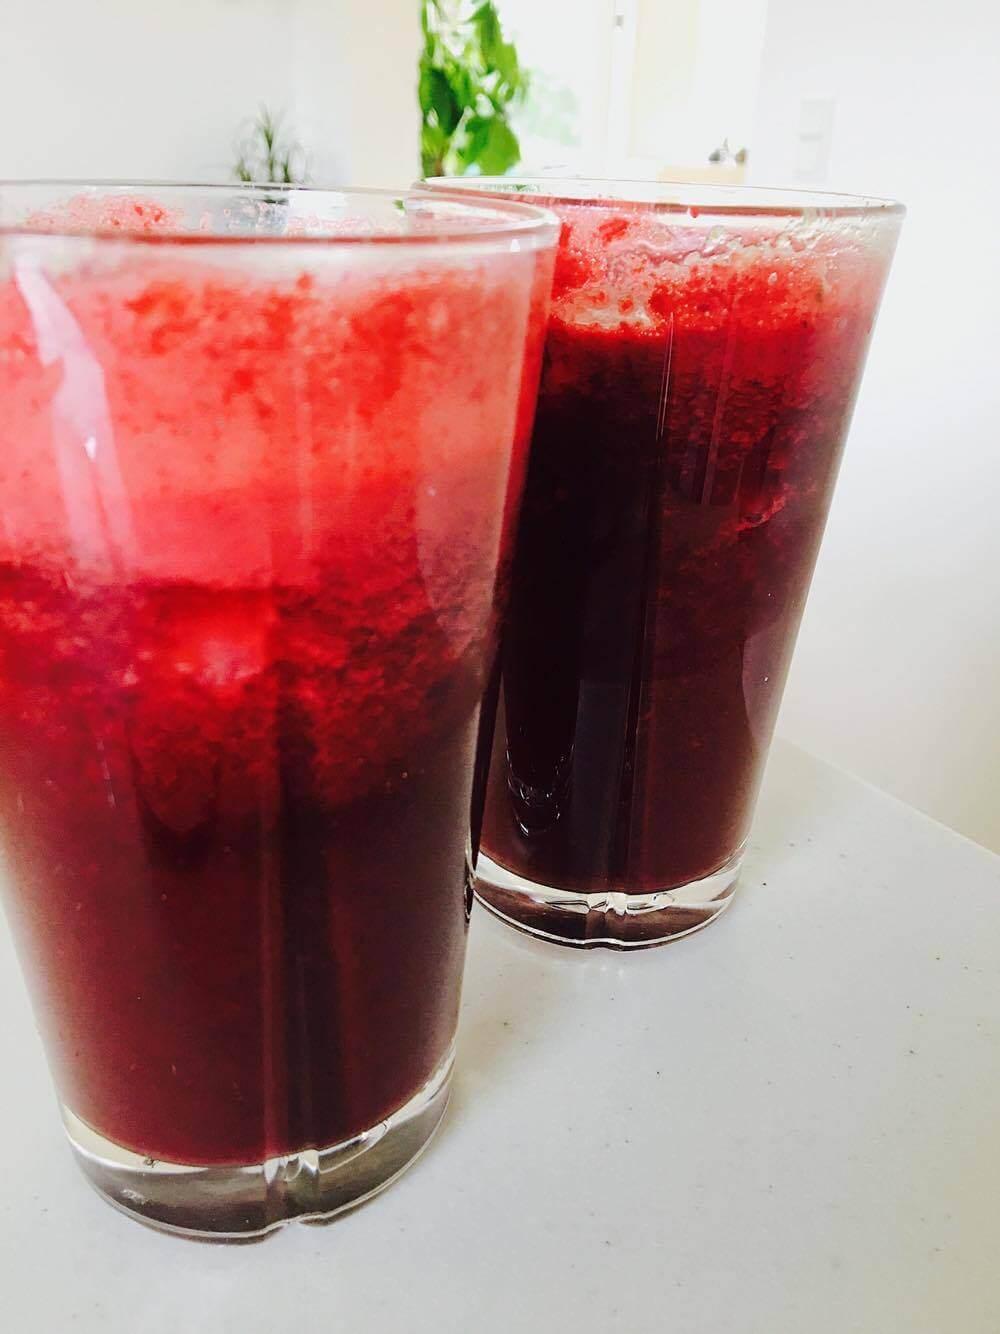 Lækker grøntsags juice - masser af sunde opskrifter, Anja Thy